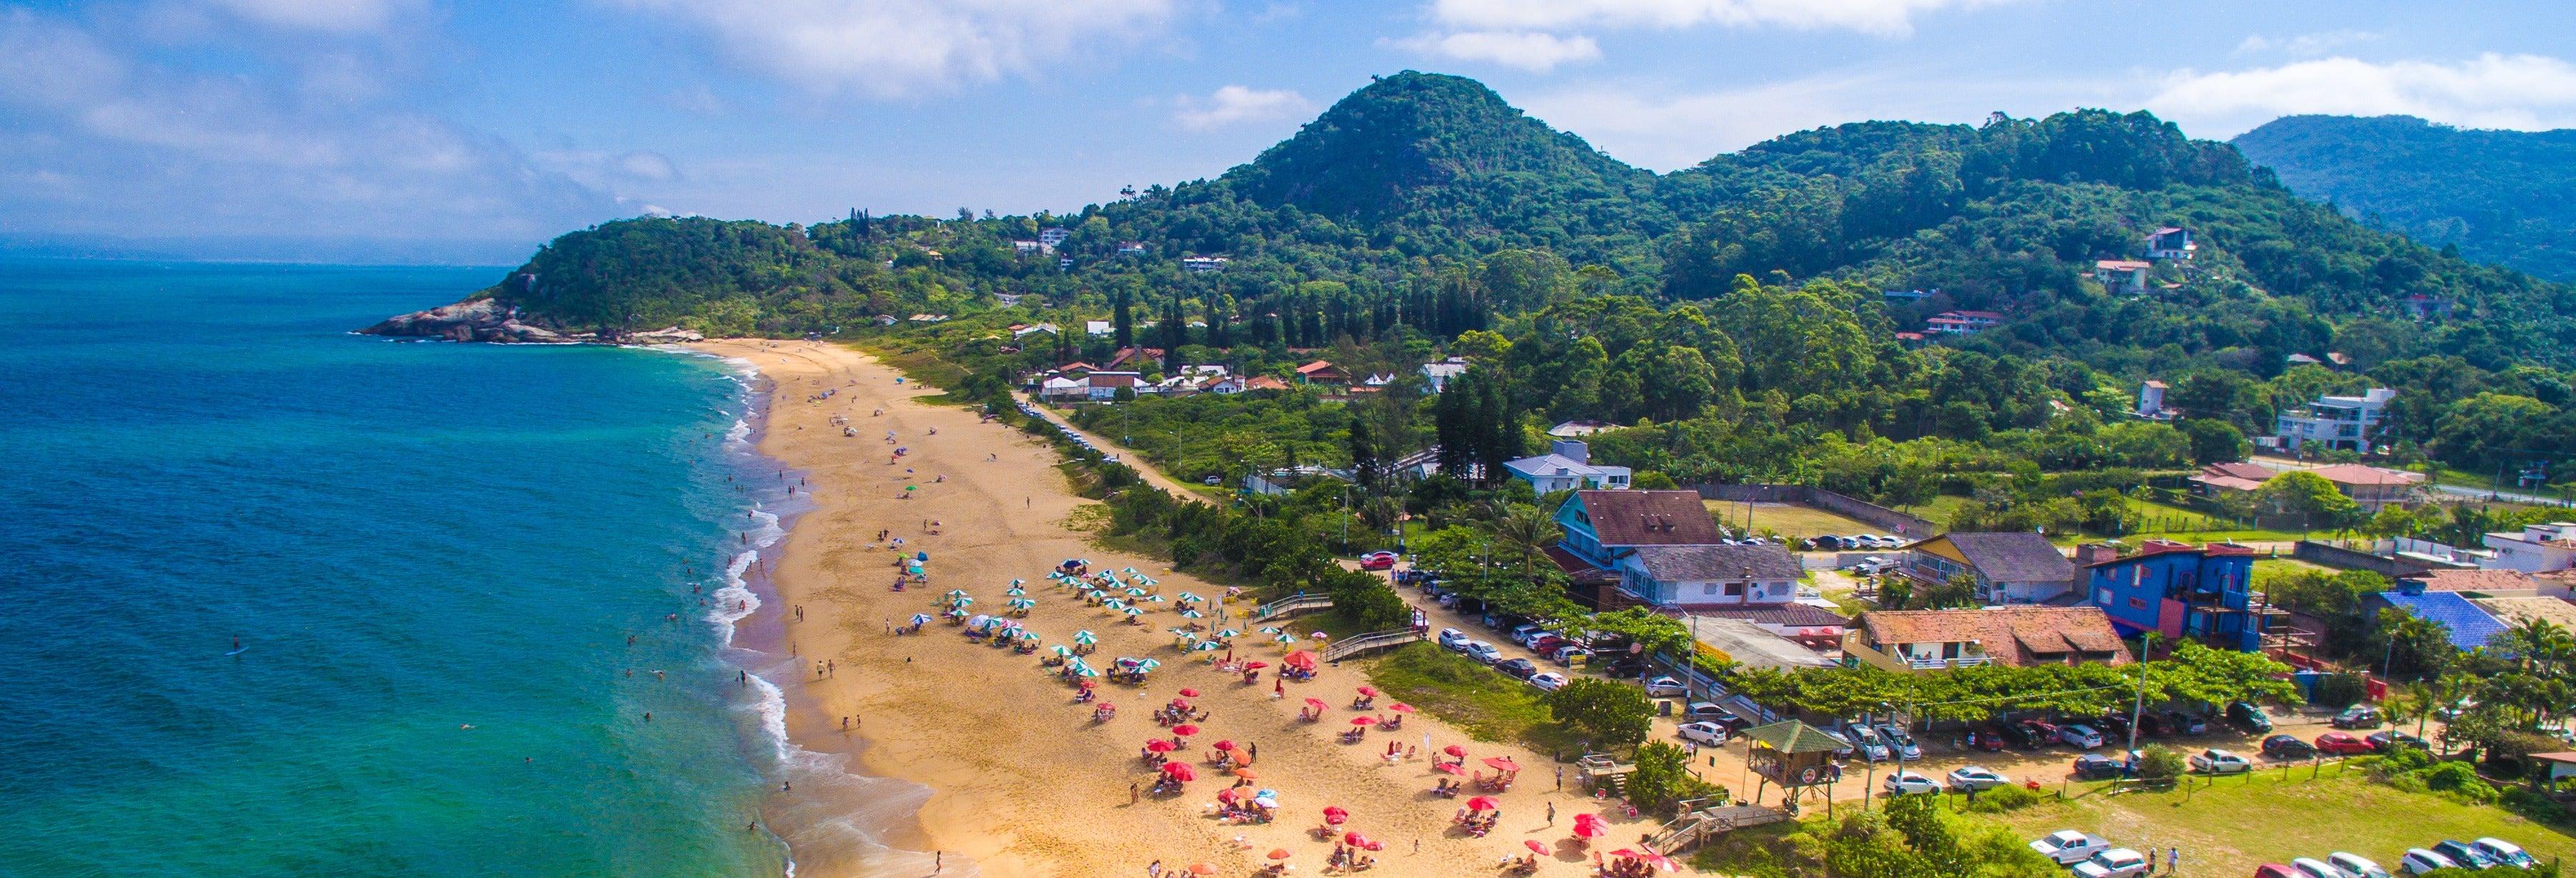 Excursão ao litoral sul da Costa Verde e Mar